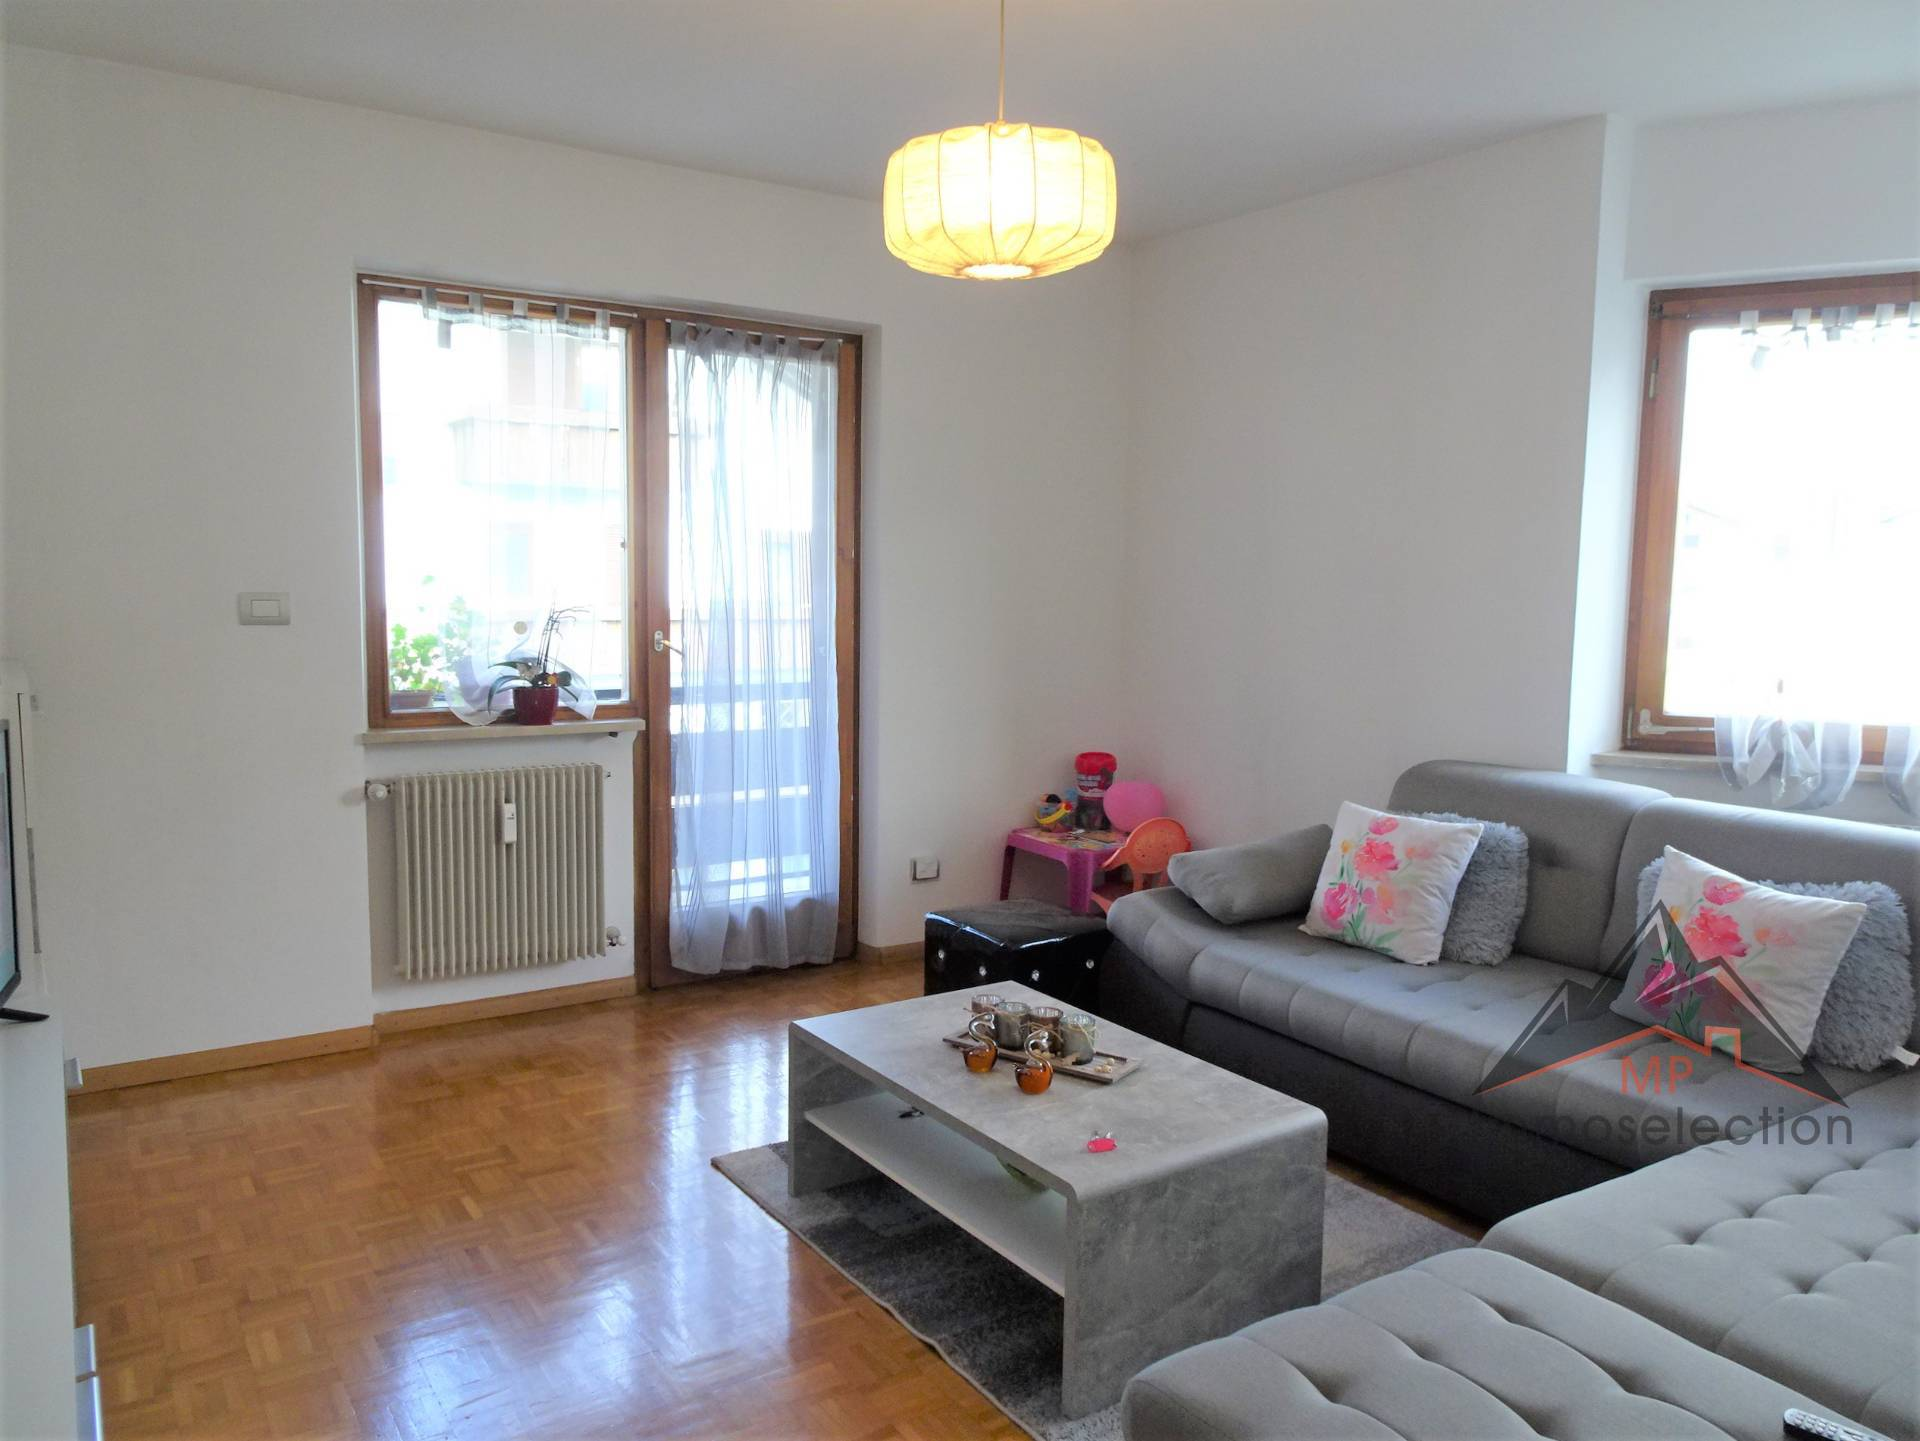 Appartamento in Vendita a Brunico - Bruneck Cod. BK1117